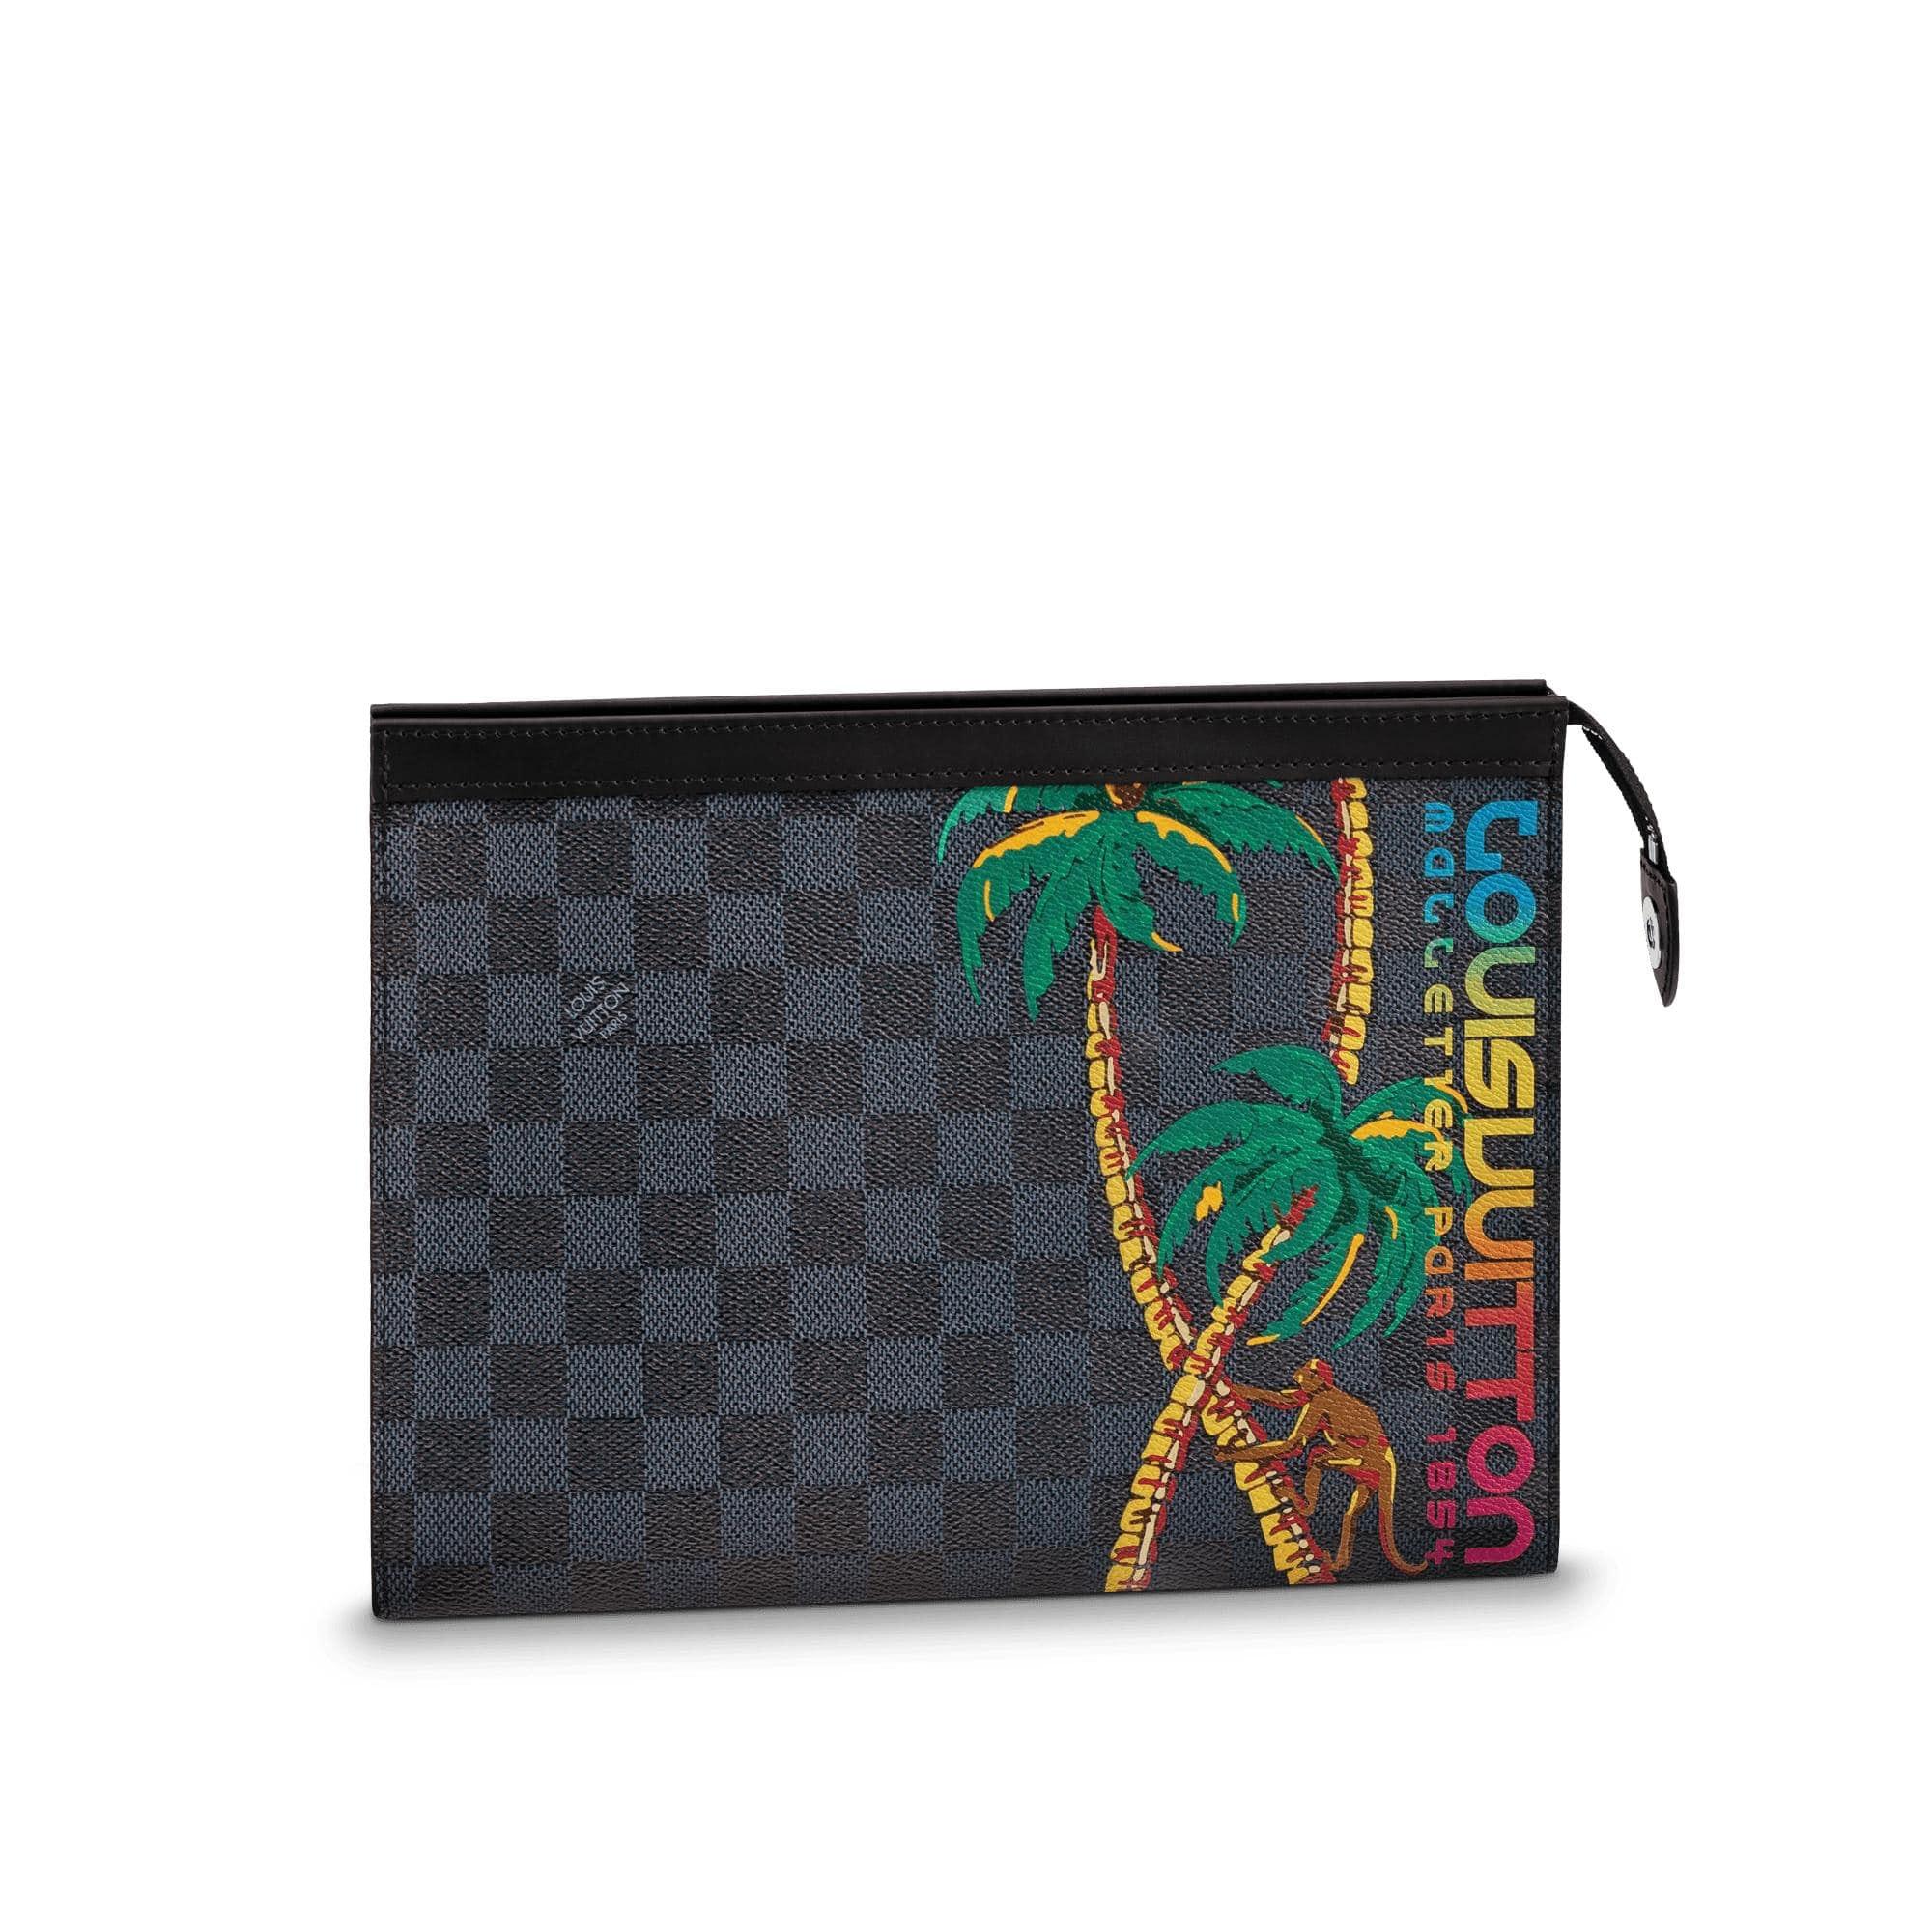 Louis Vuitton Pochette Voyage Damier Cobalt Jungle MM Black